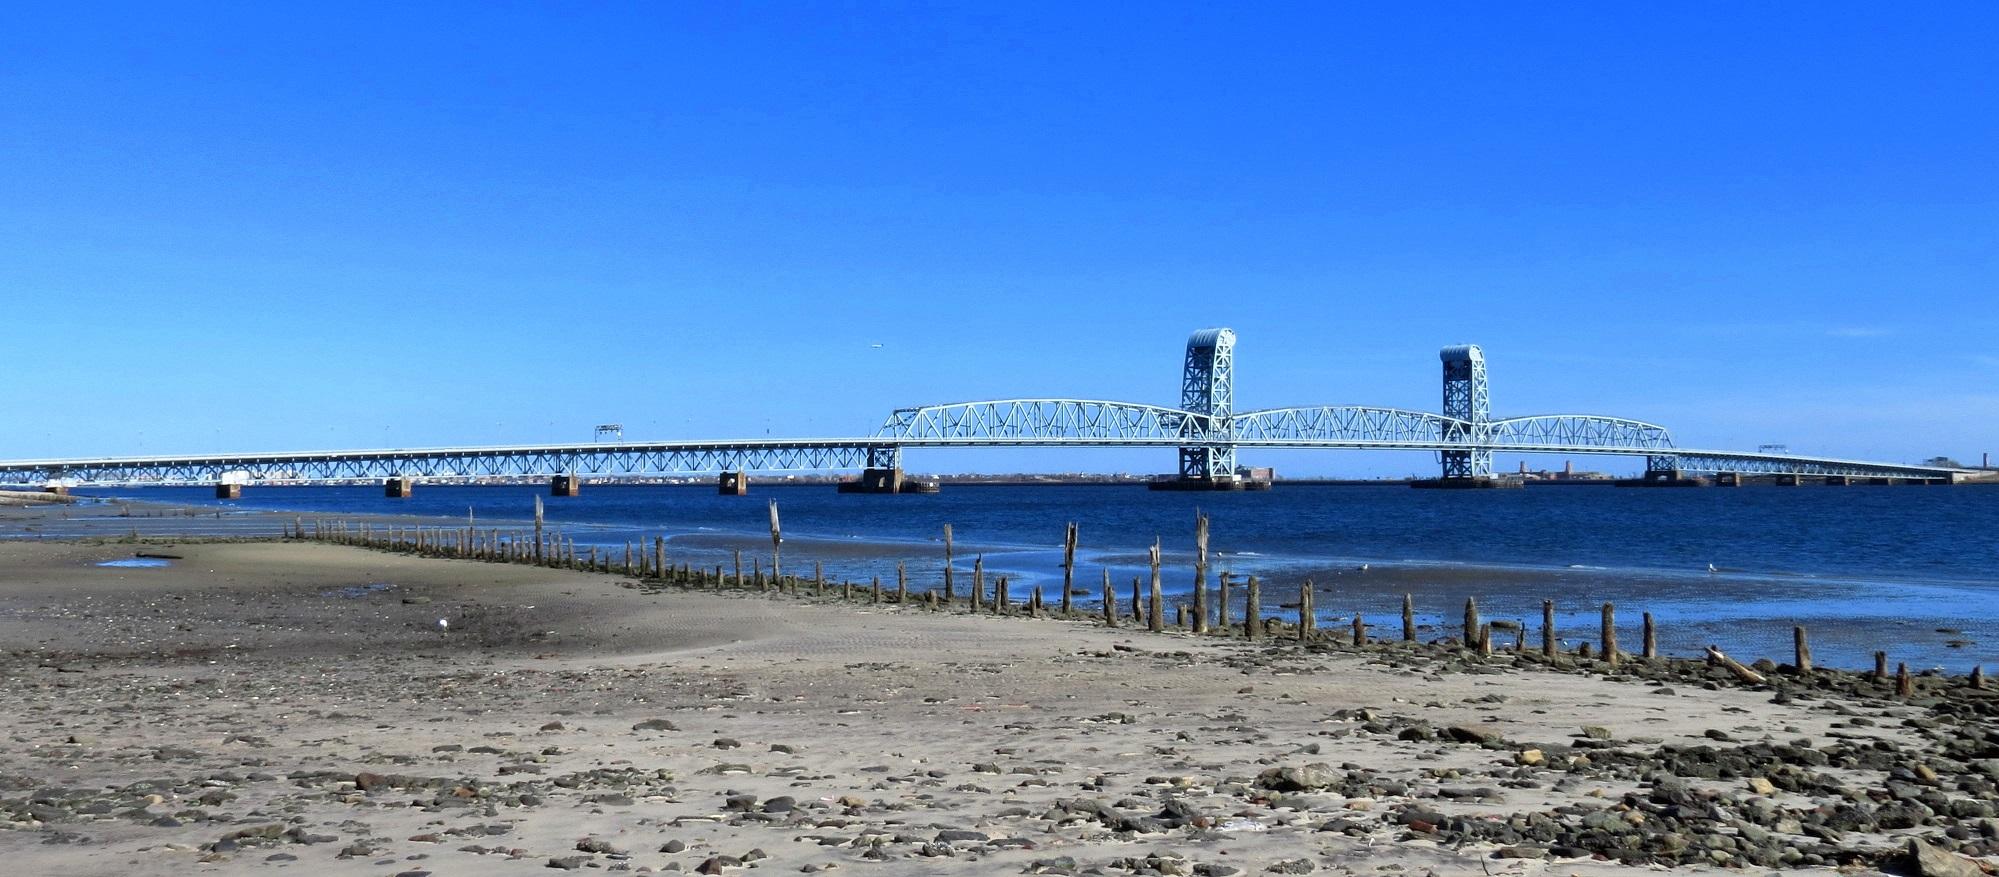 Dead Horse Bay - Marine Parkway Bridge